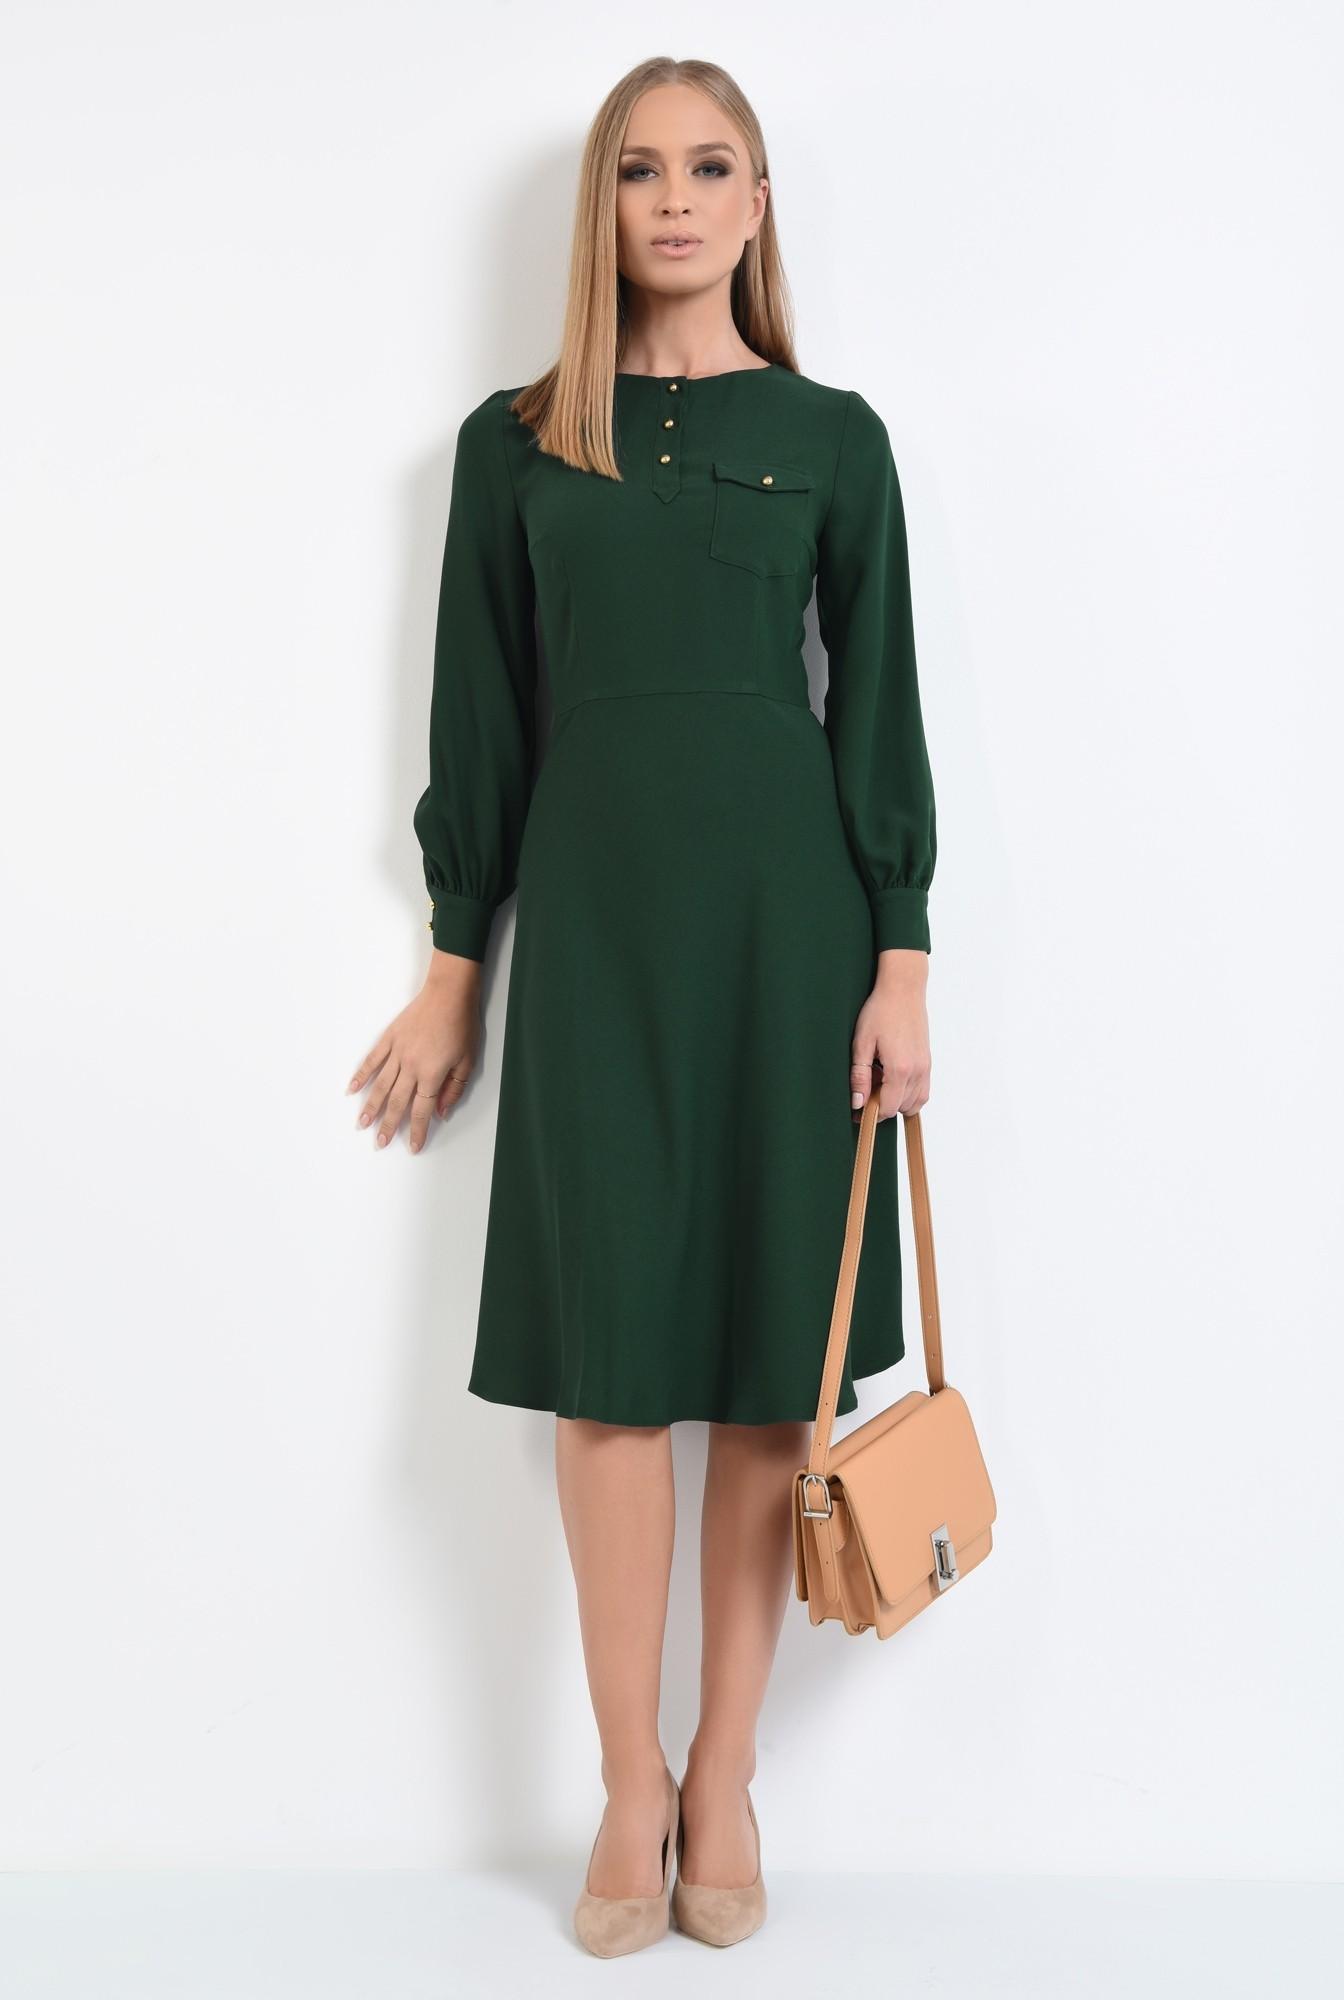 3 - rochie de zi, verde, midi, maneci lungi